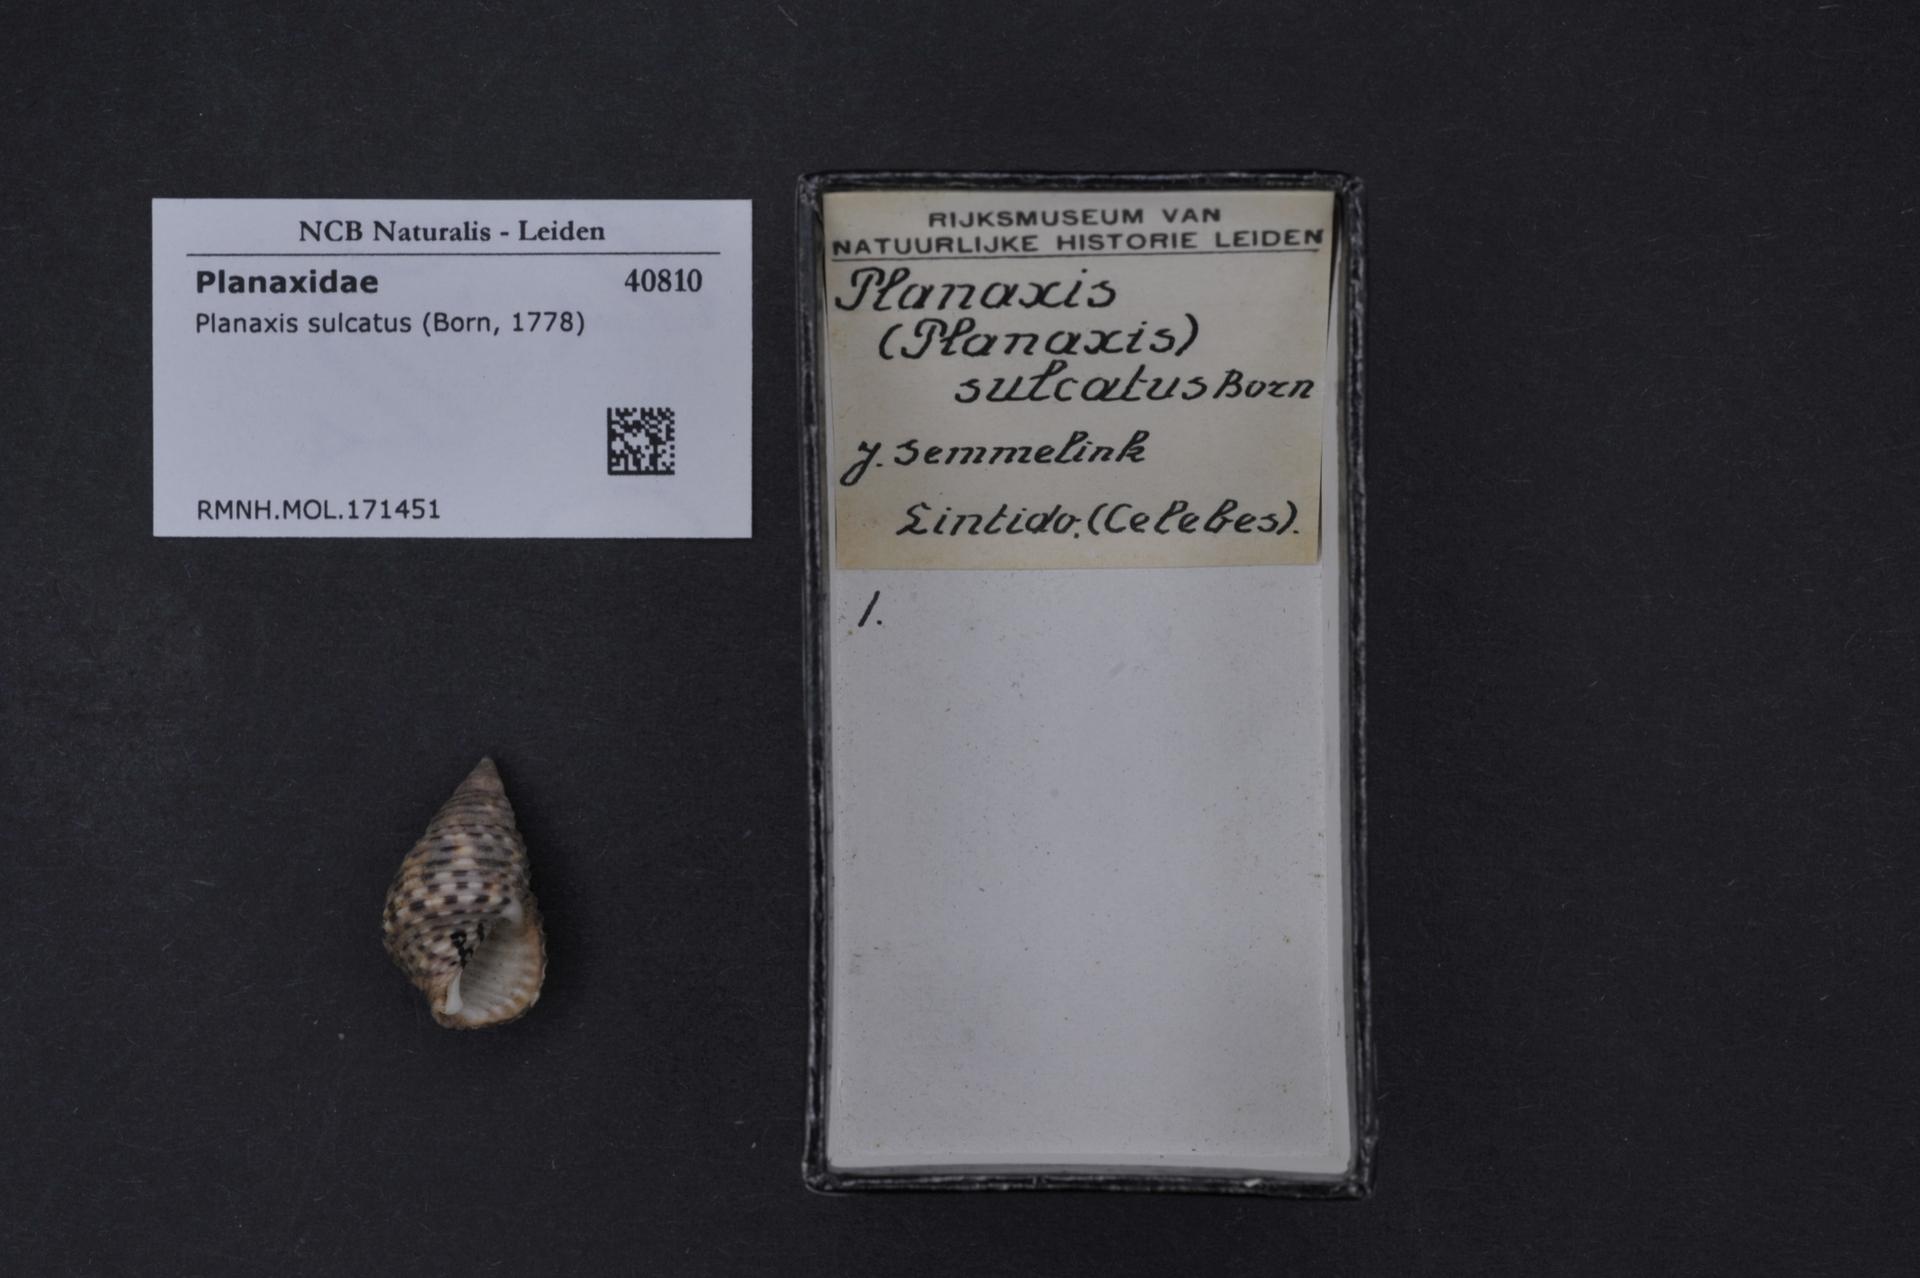 RMNH.MOL.171451 | Planaxis sulcatus Von Born, 1778